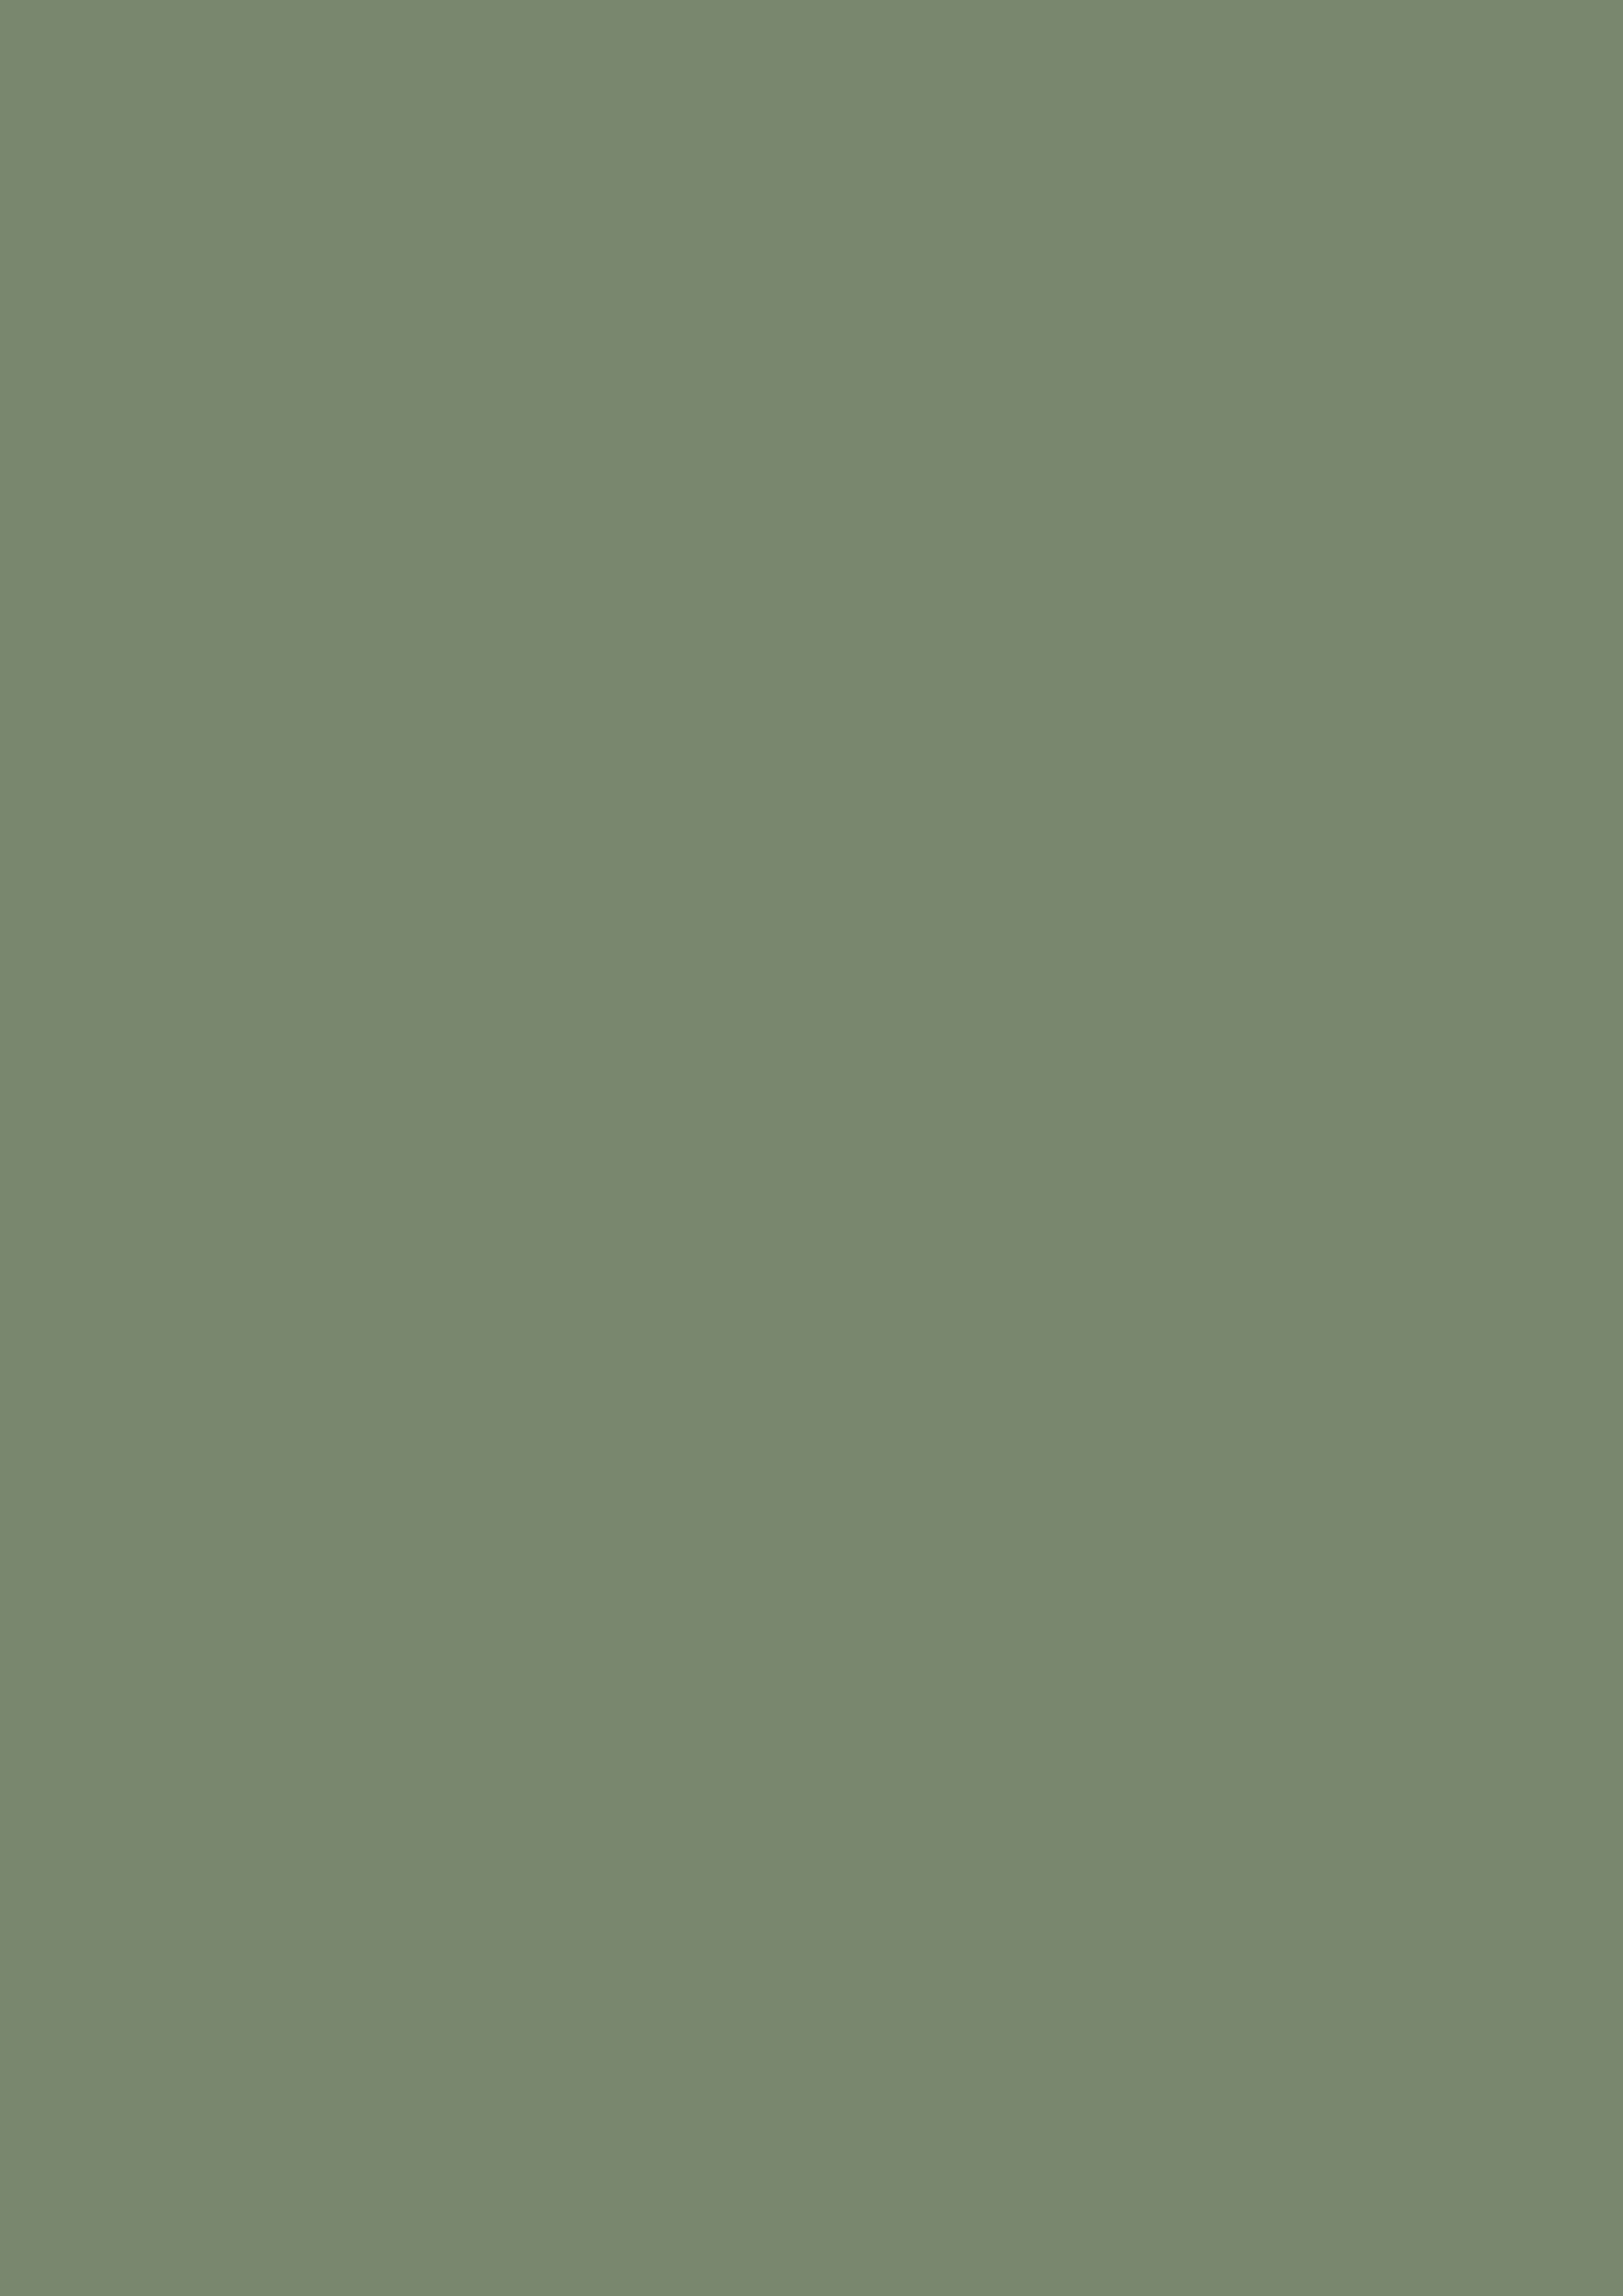 Calke Green No. 34  Order Now